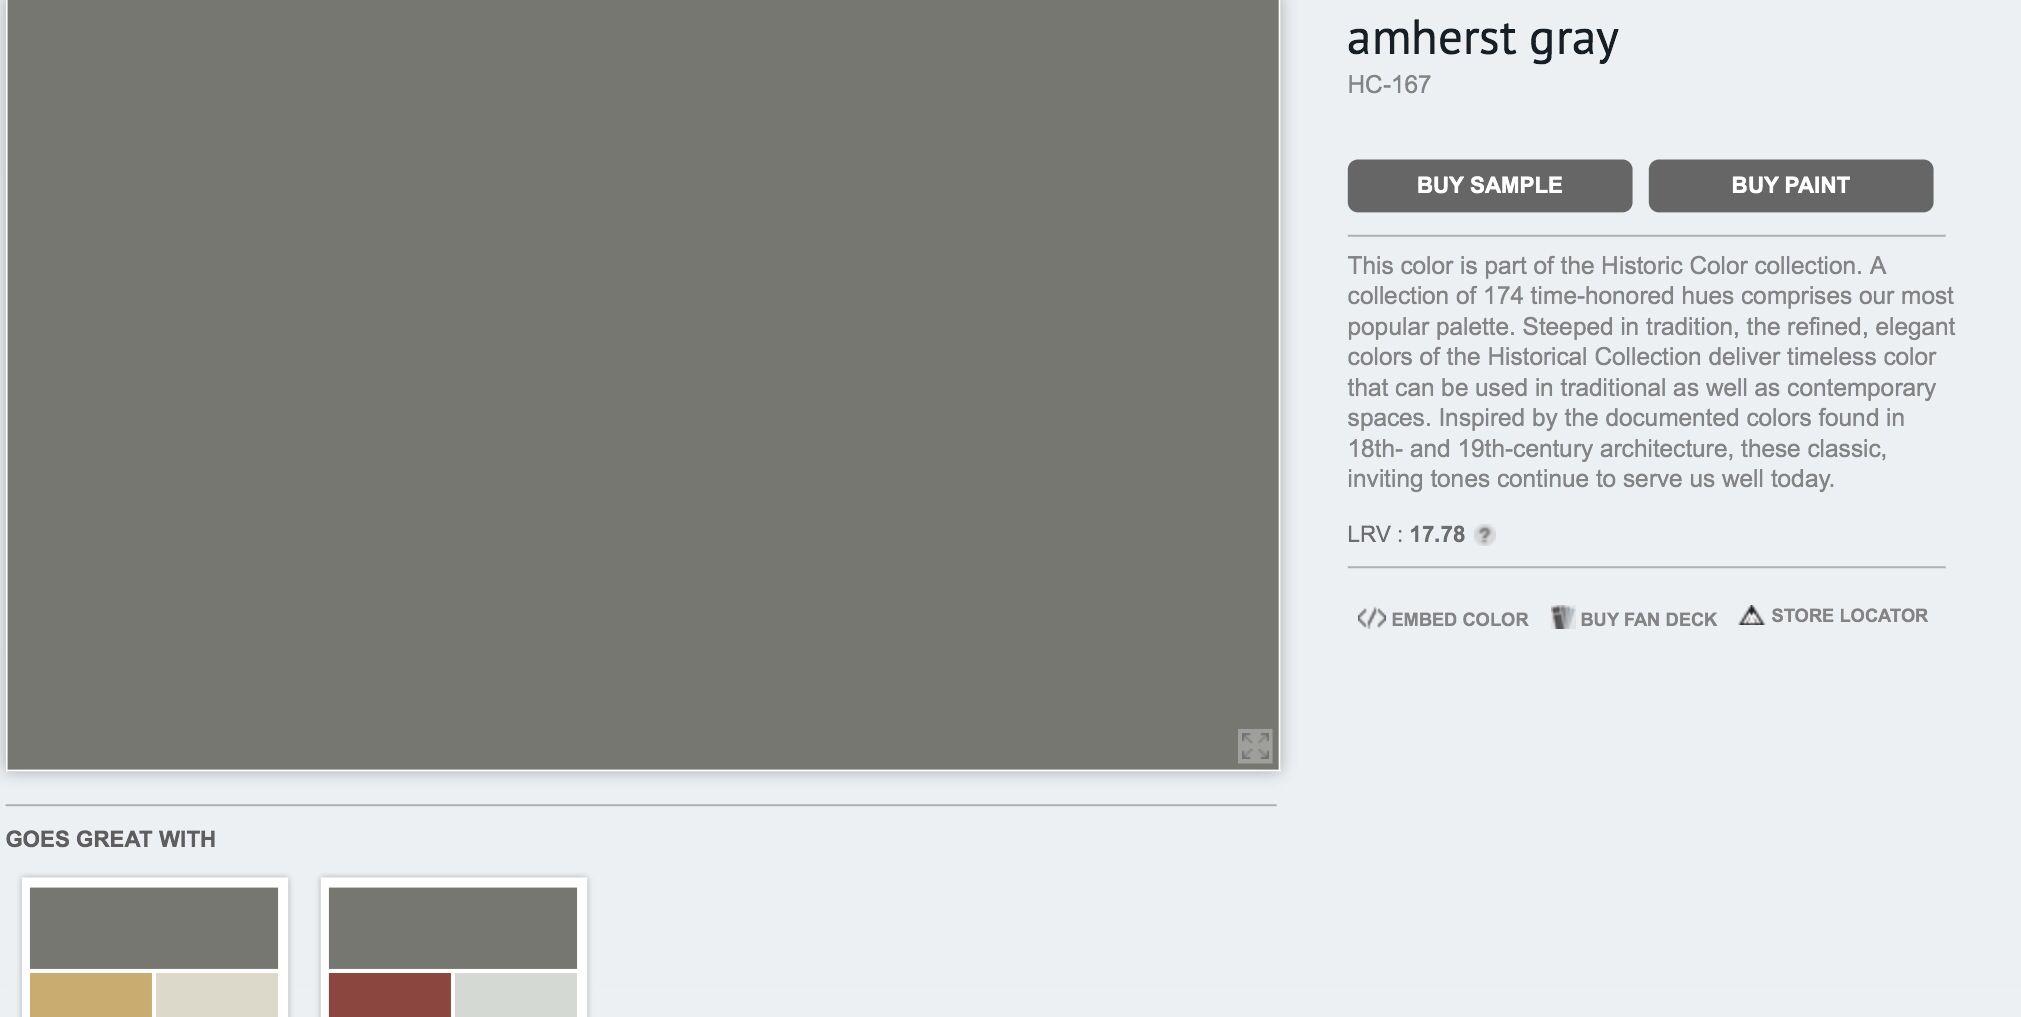 Best Benjamin Moore Amherst Gray Hc 167 Buying Paint 640 x 480